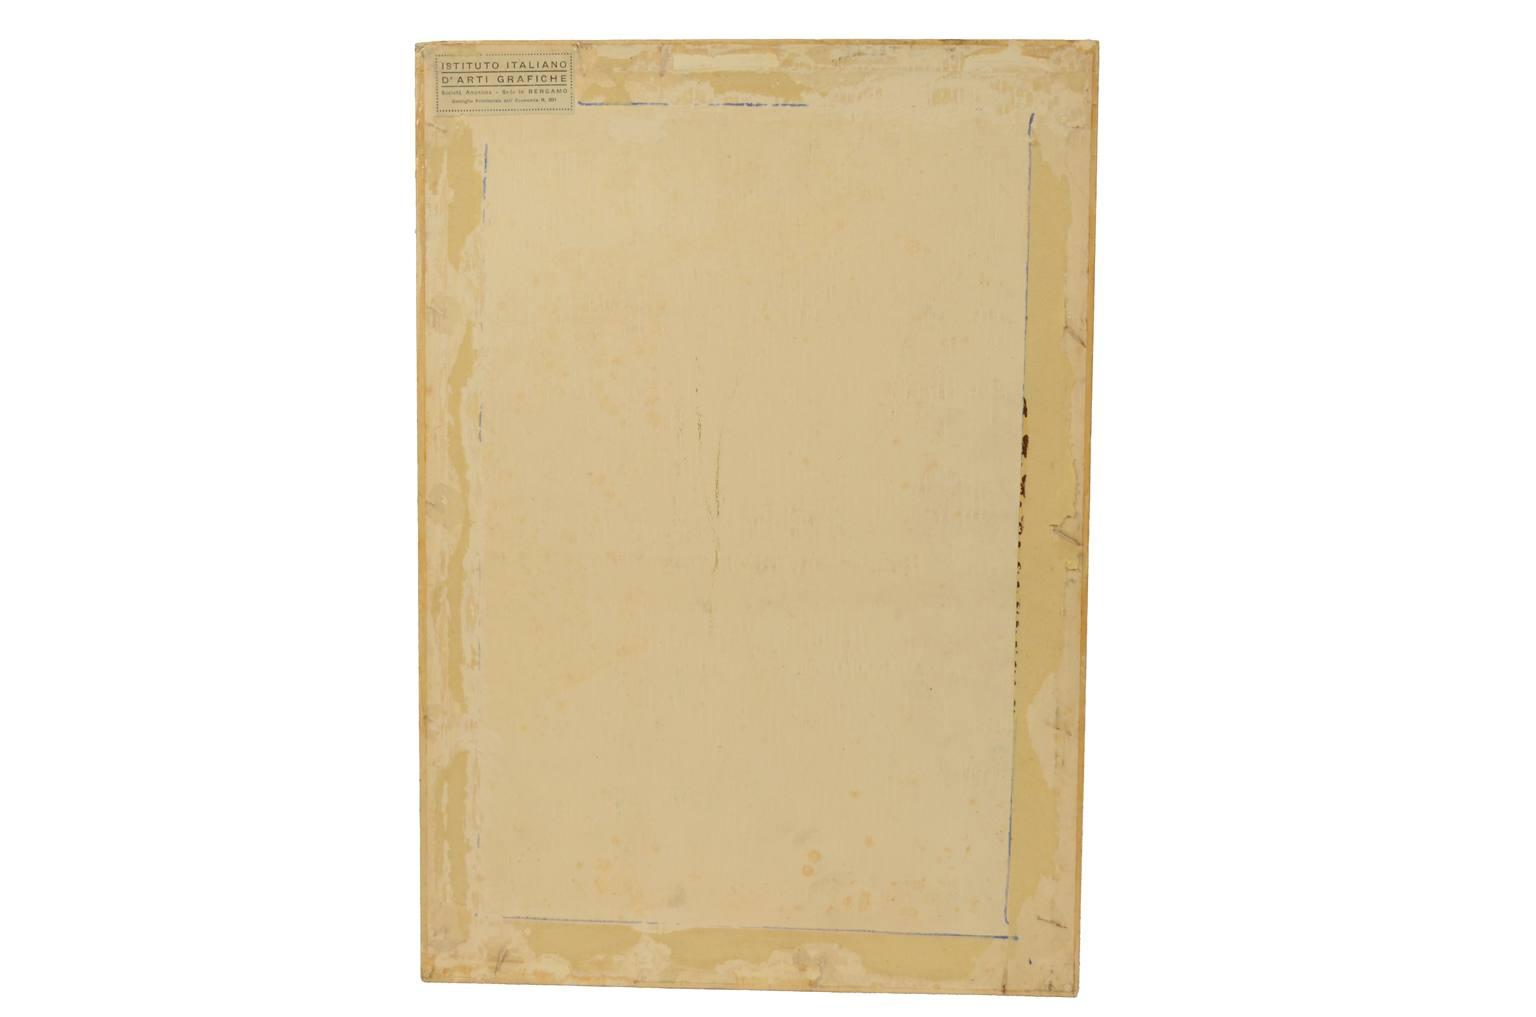 古医疗器具/1607-30年海报